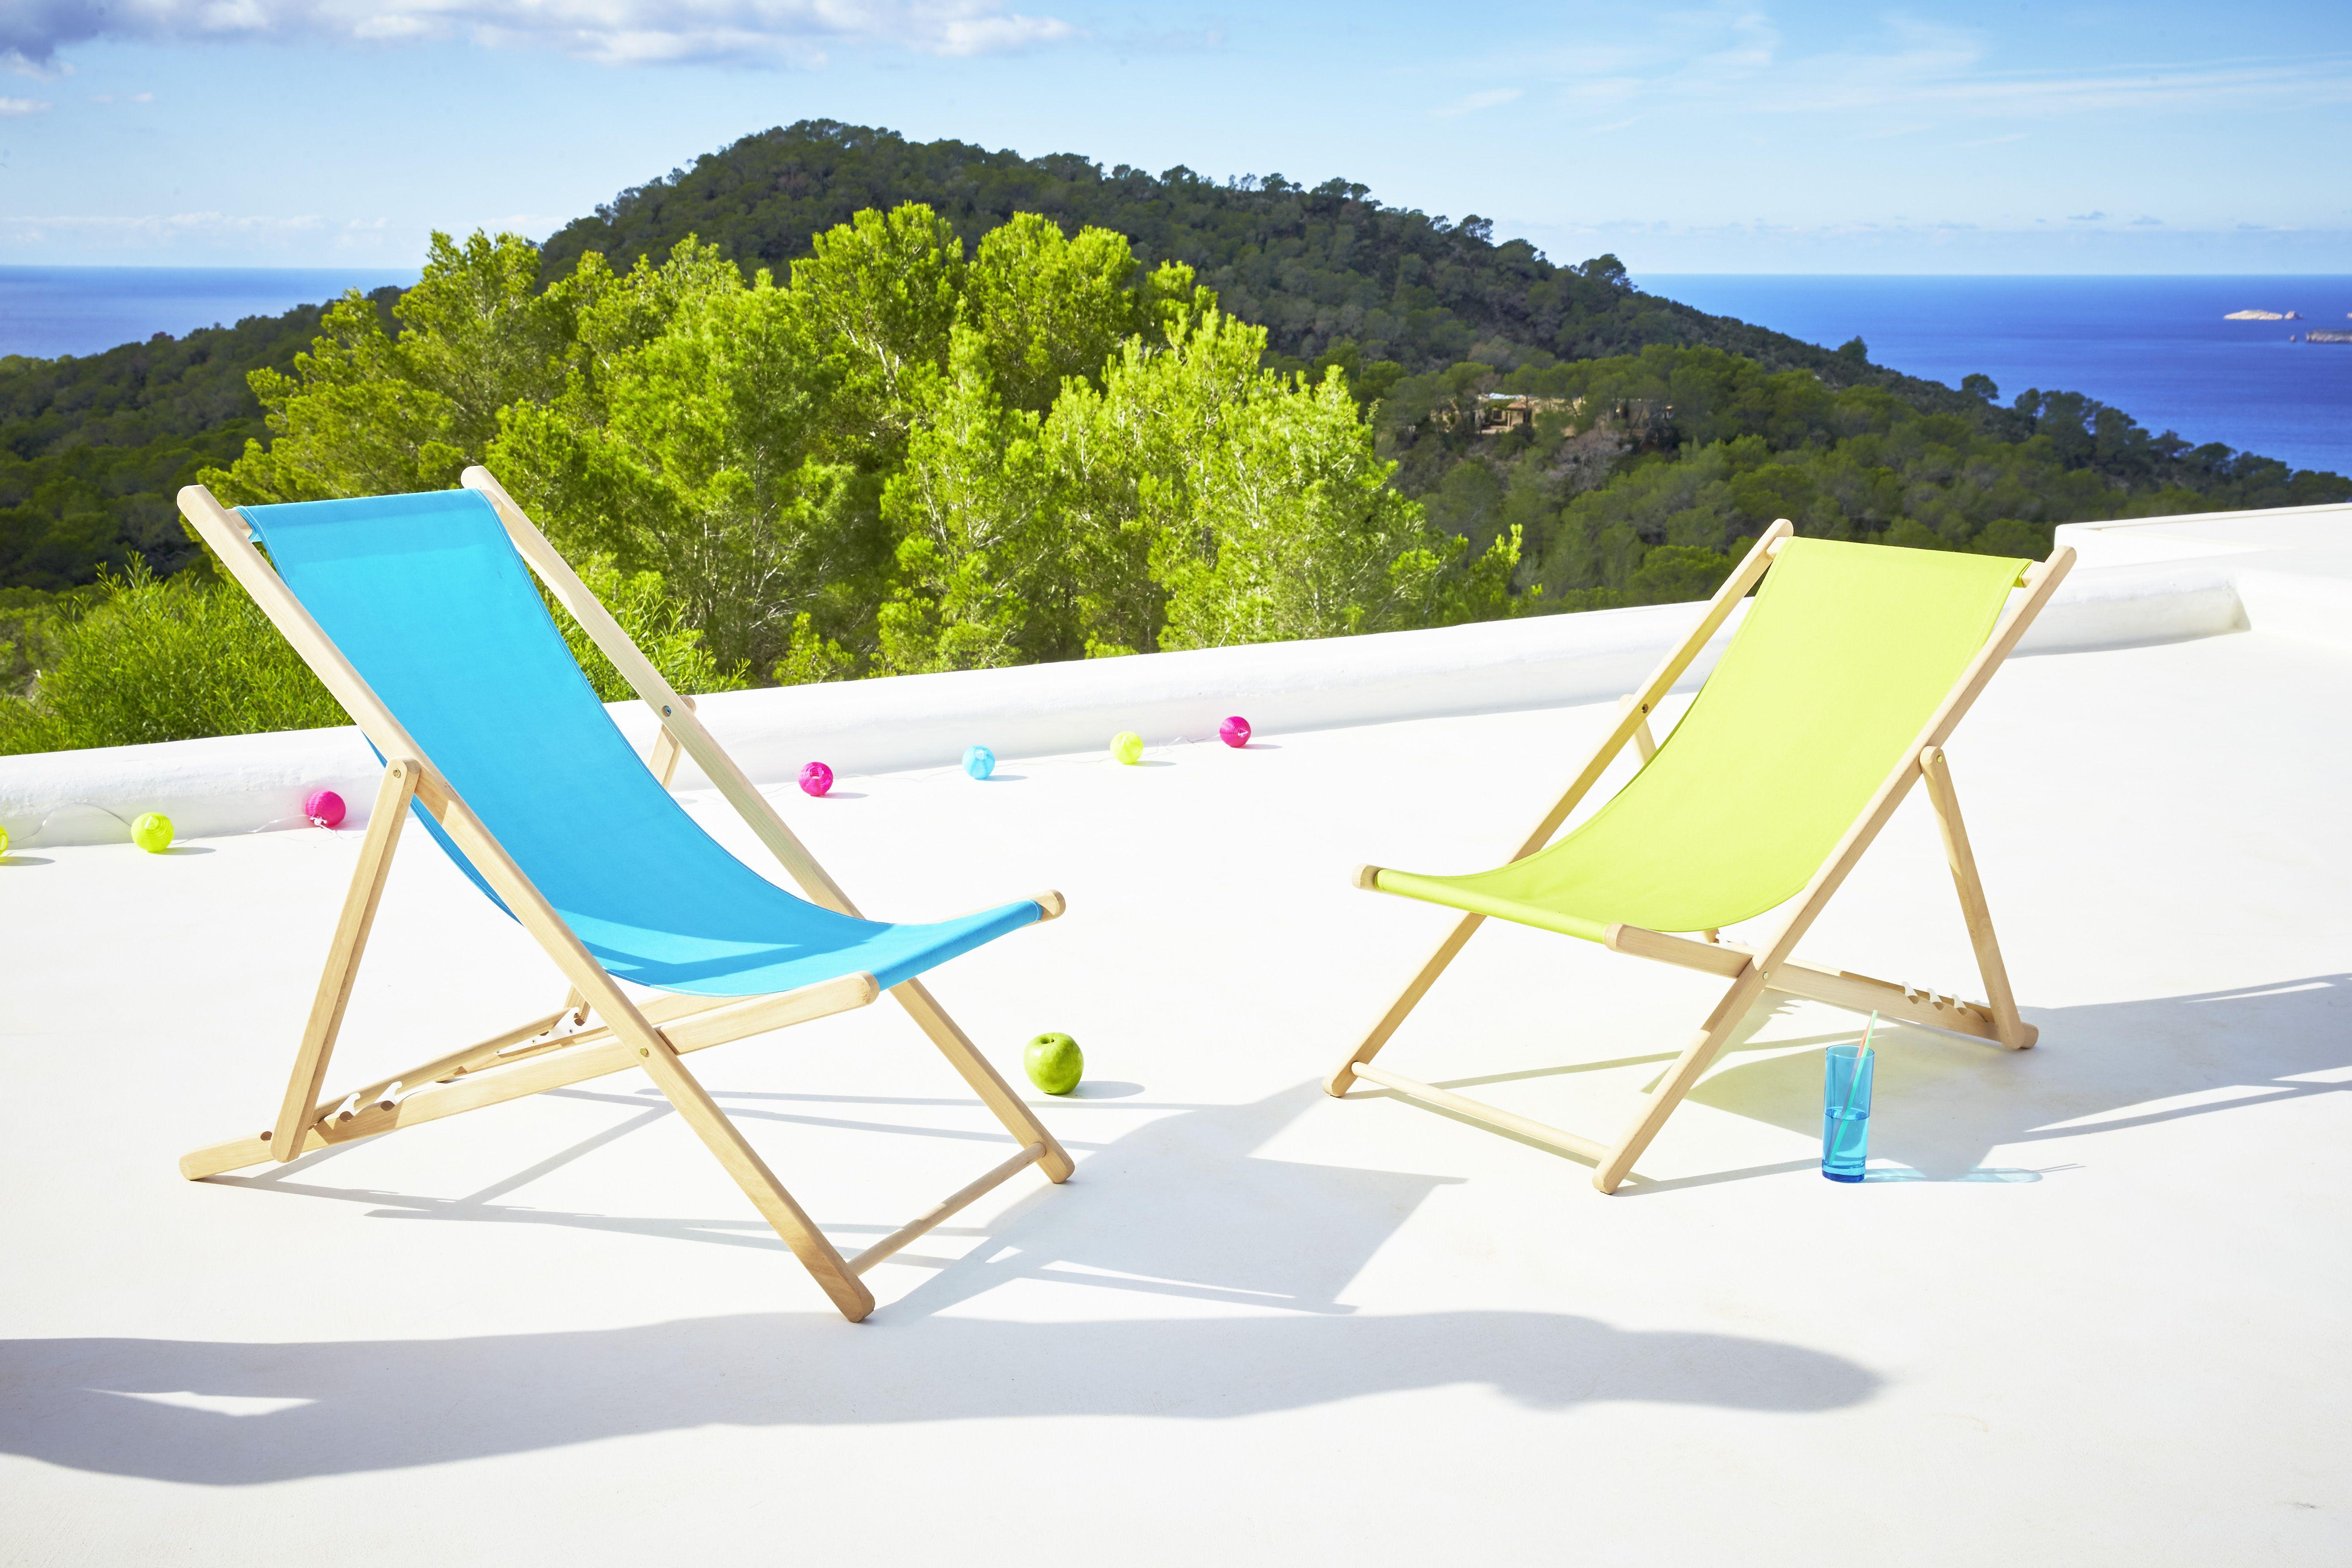 vos courses en ligne drive livraison a domicile avec carrefour fr chaise chilienne mobilier jardin ambiance jardin